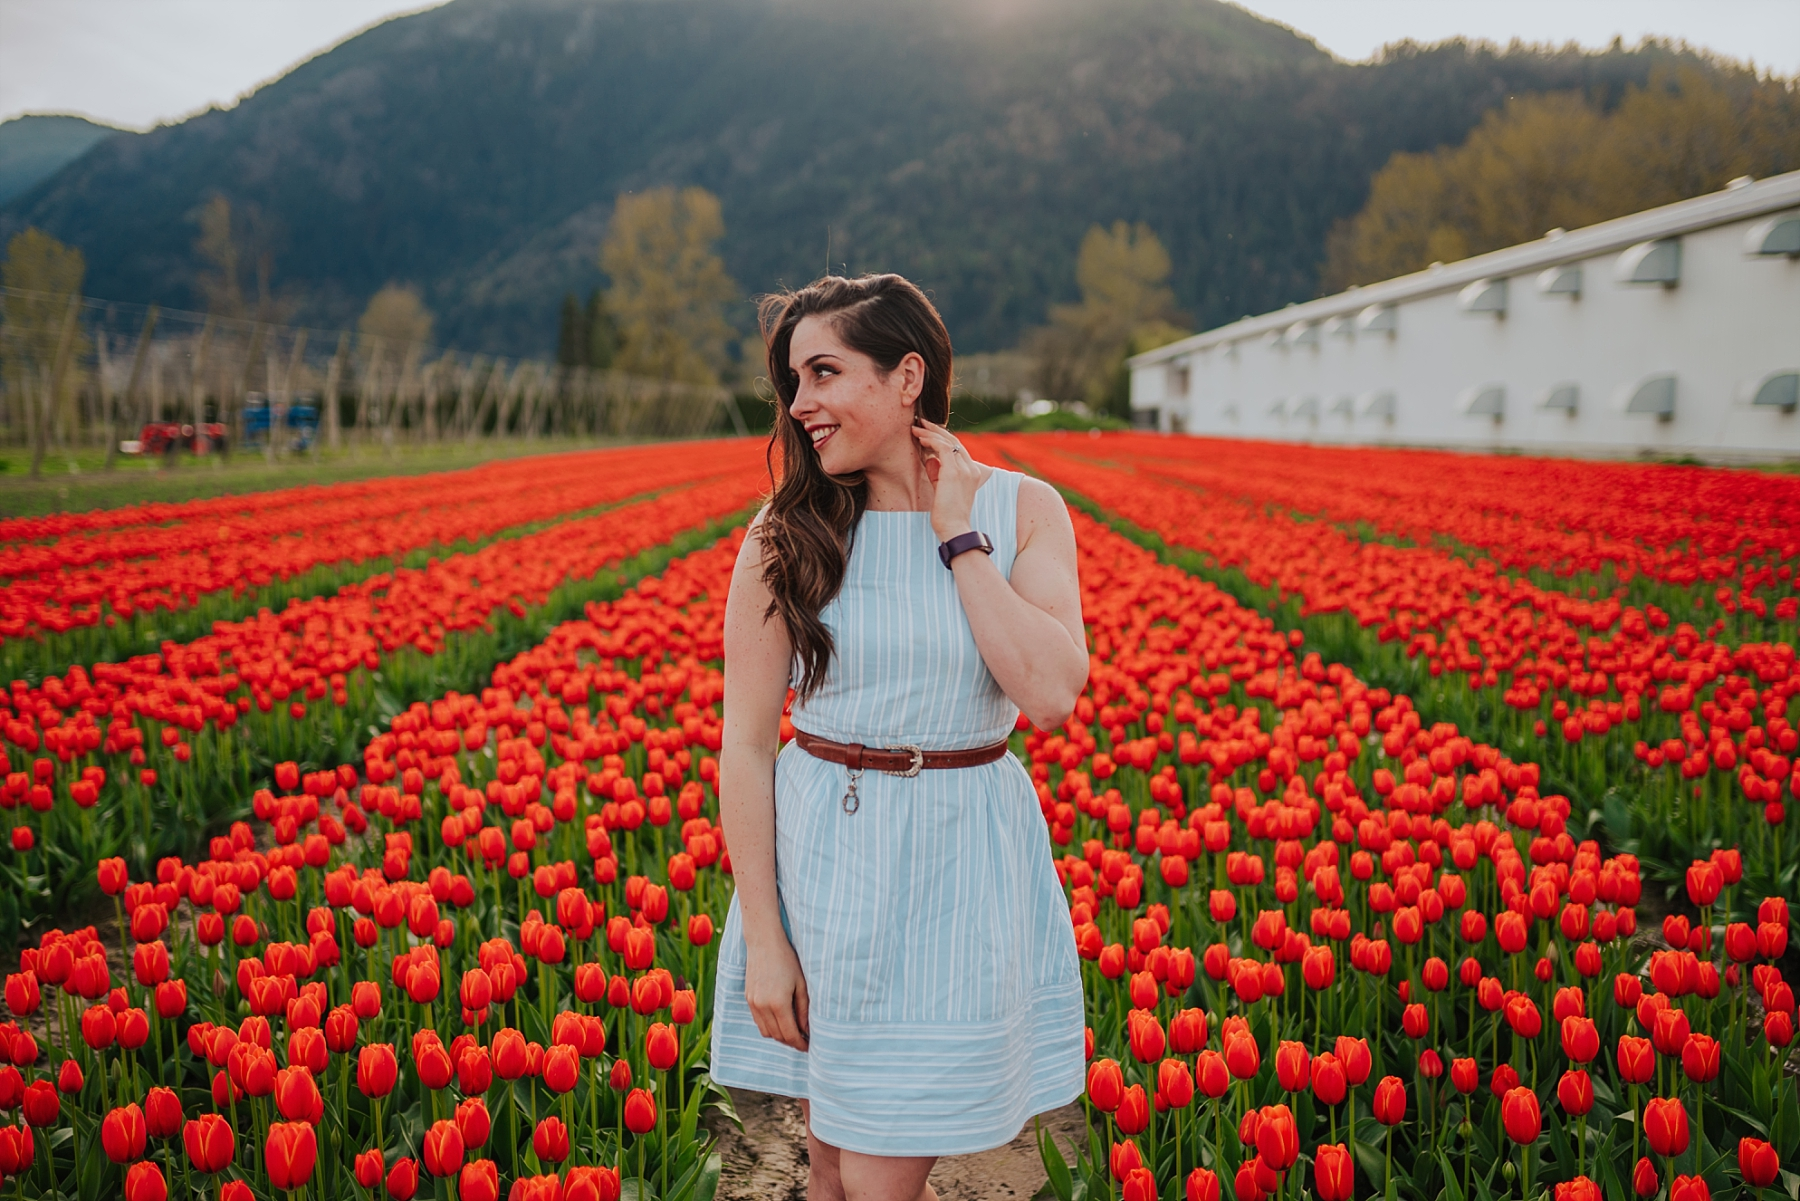 chilliwack tulip festival photo guide